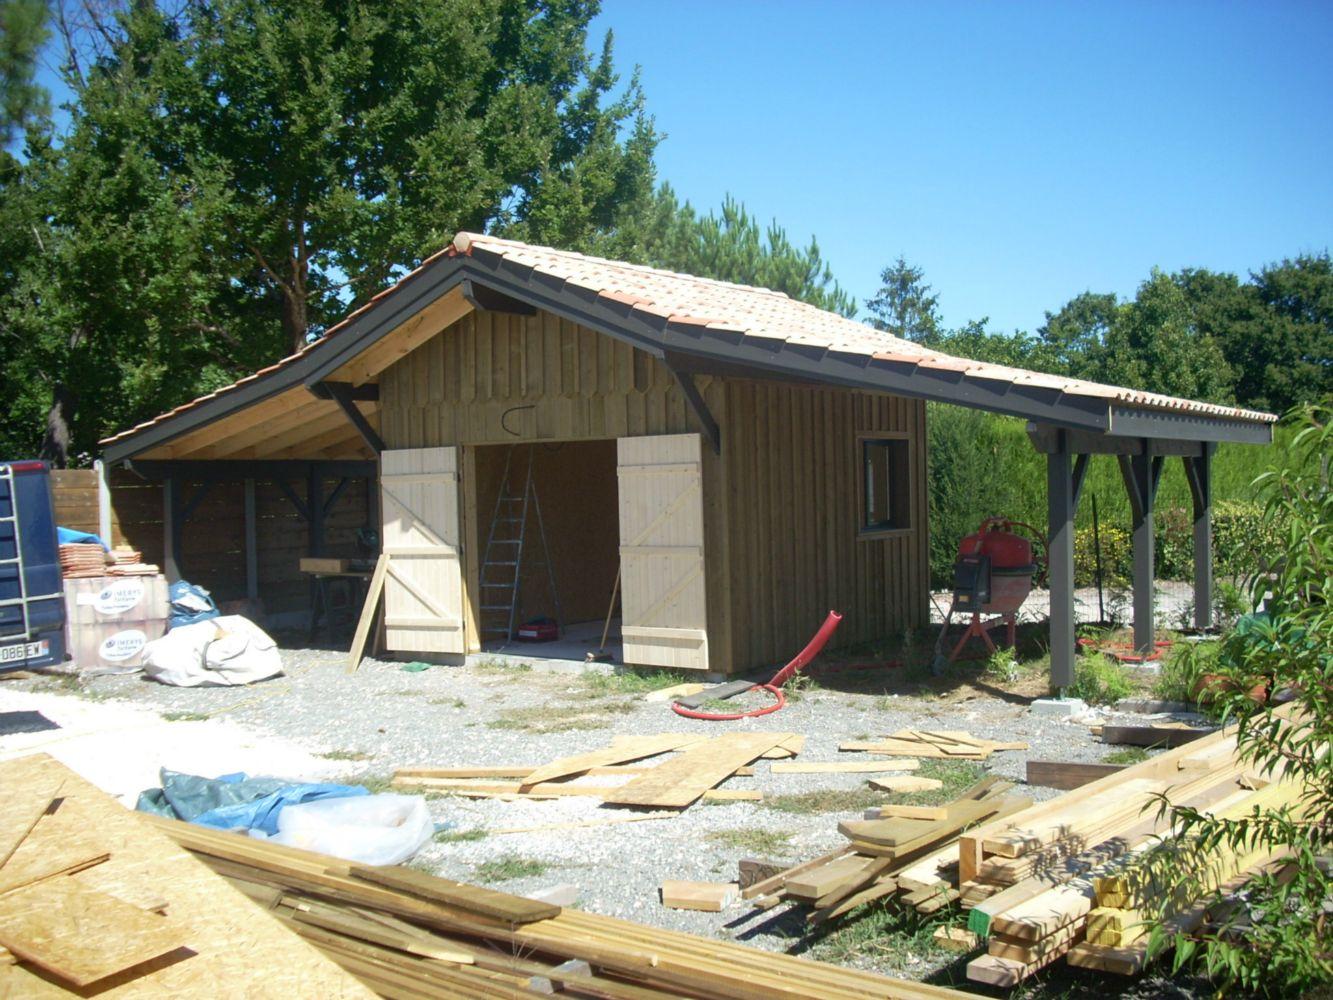 Charpente bois garage obtenez des id es de for Constructeur de garage bois